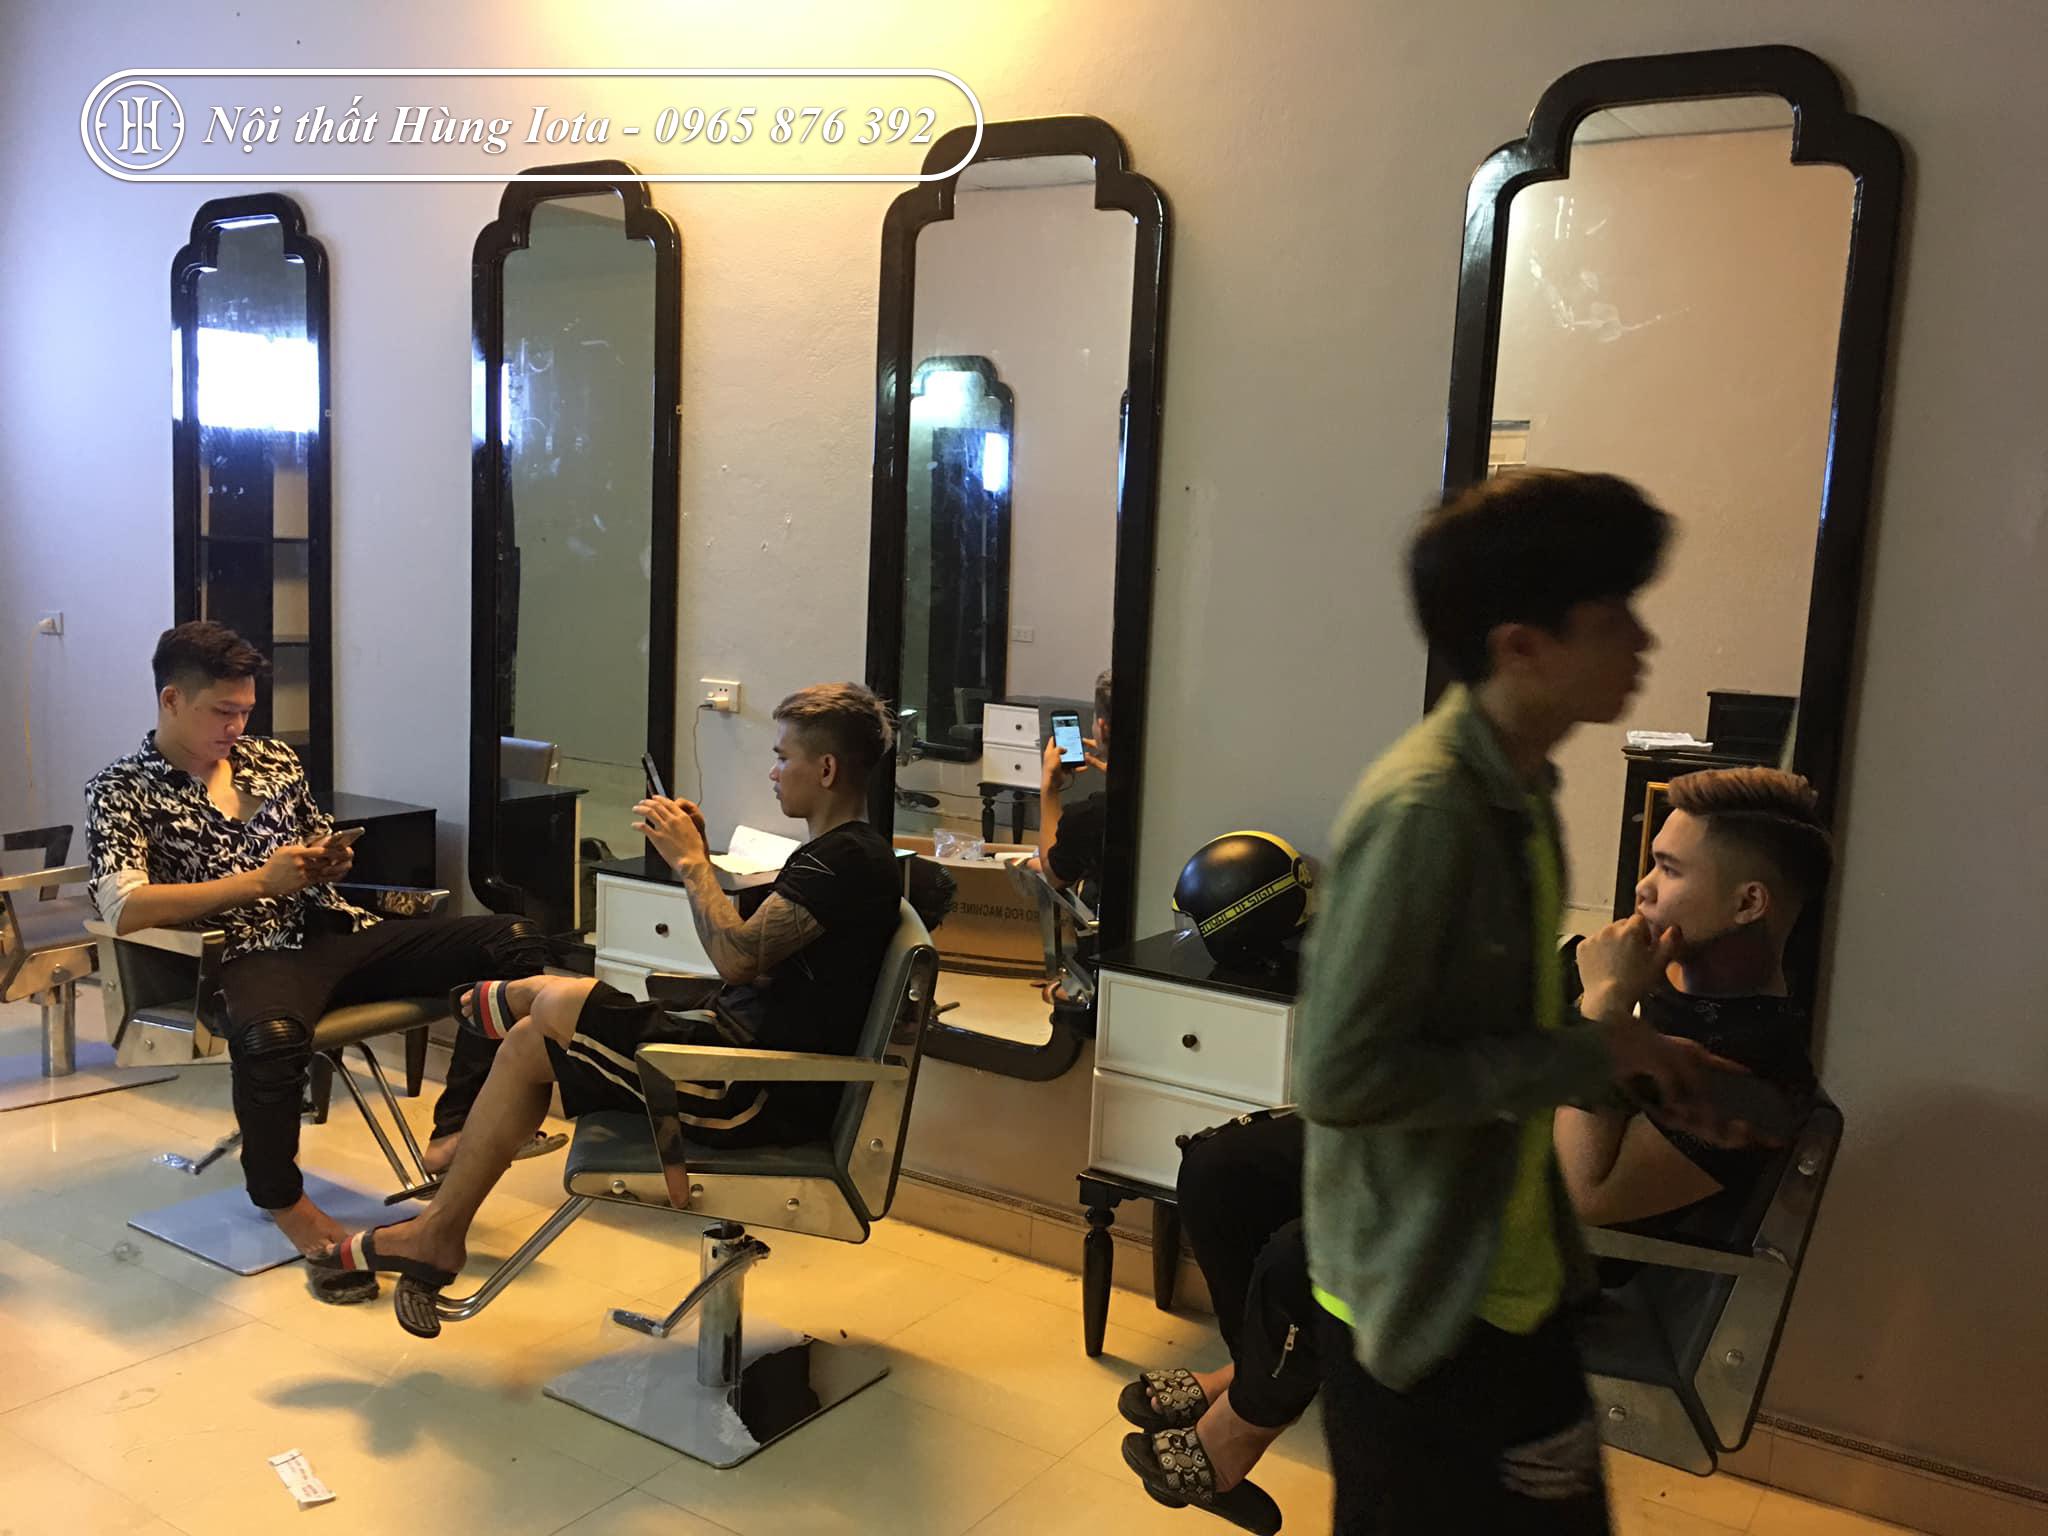 Gương cắt tóc khung gỗ đẹp giá rẻ tại xưởng sản xuất Hùng Iota